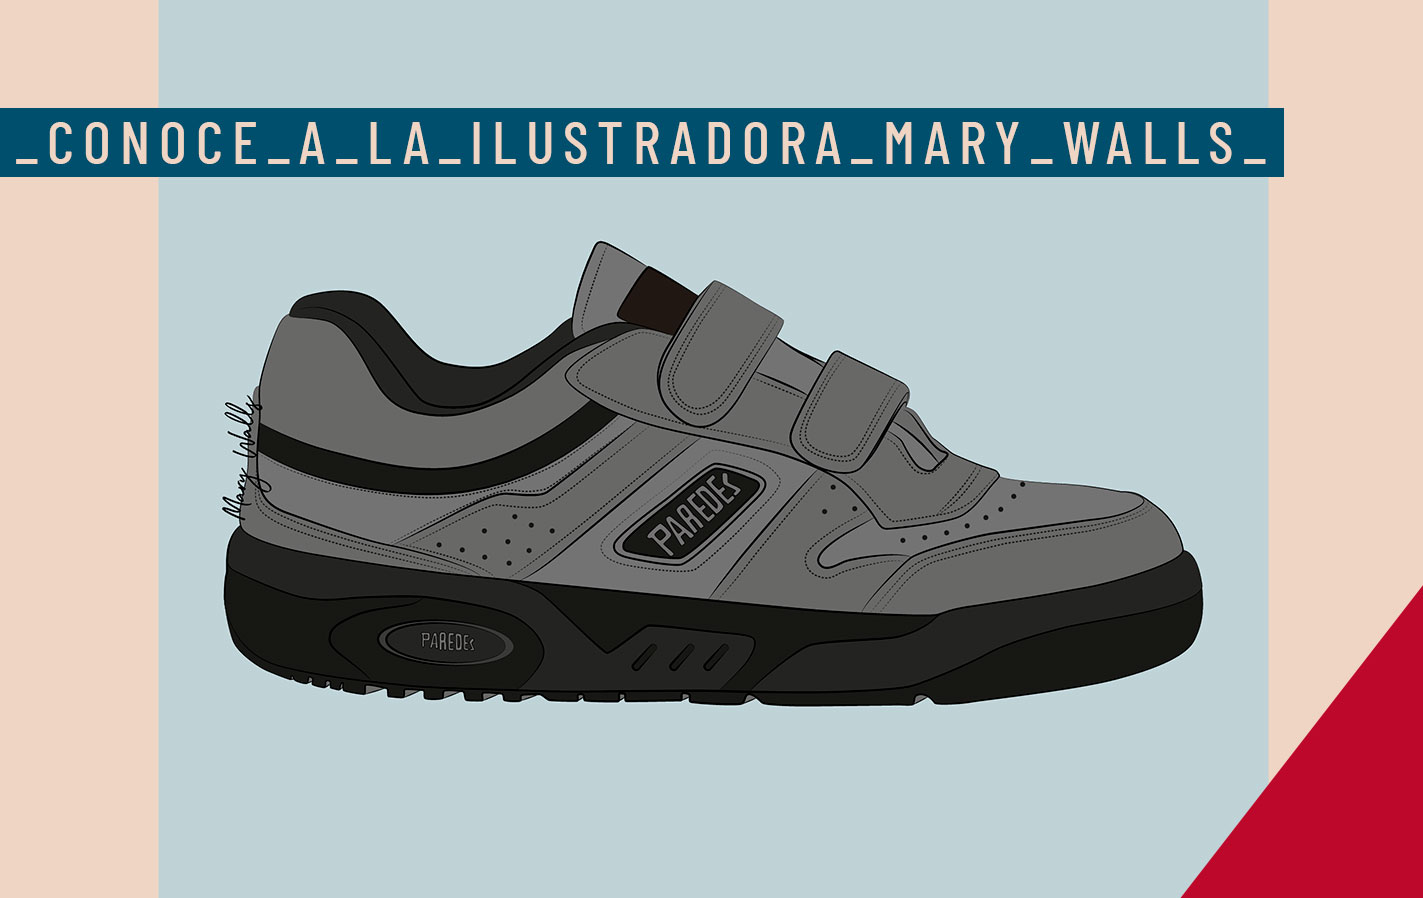 Paredes con la ilustración. Versión ilustrada de las zapatillas Paredes por Mary Walls